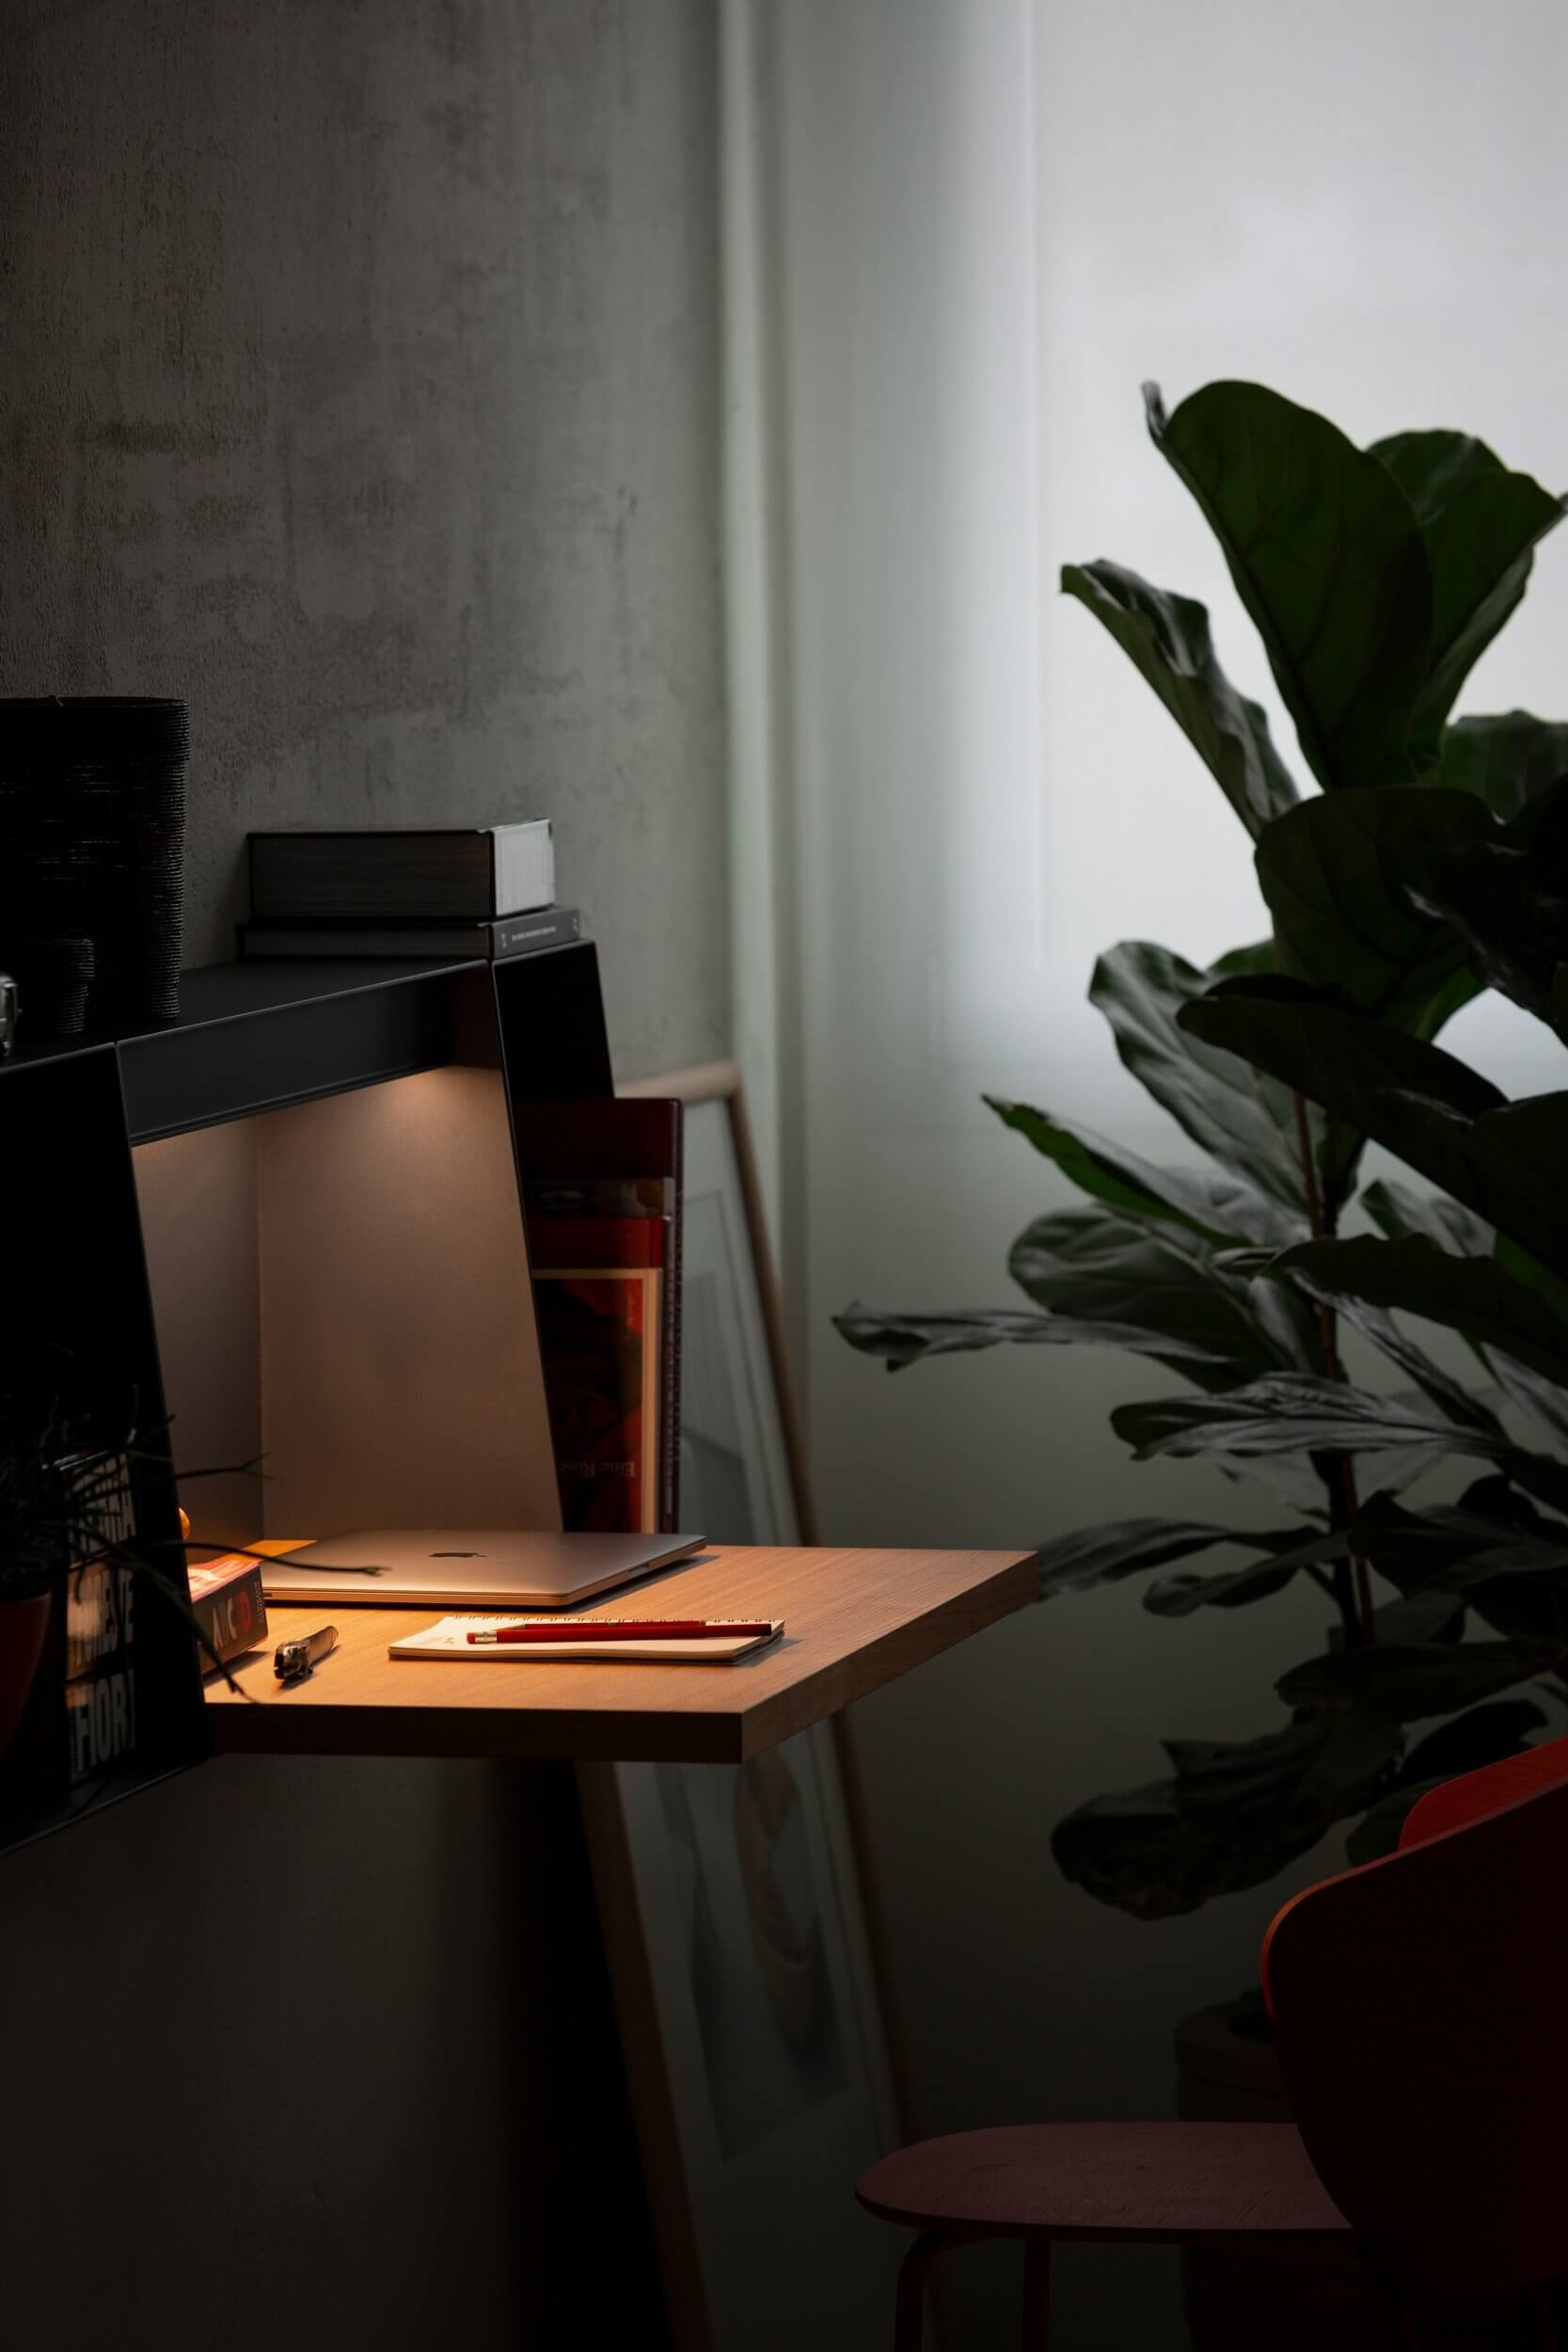 Bureau avec éclairage LED intégré